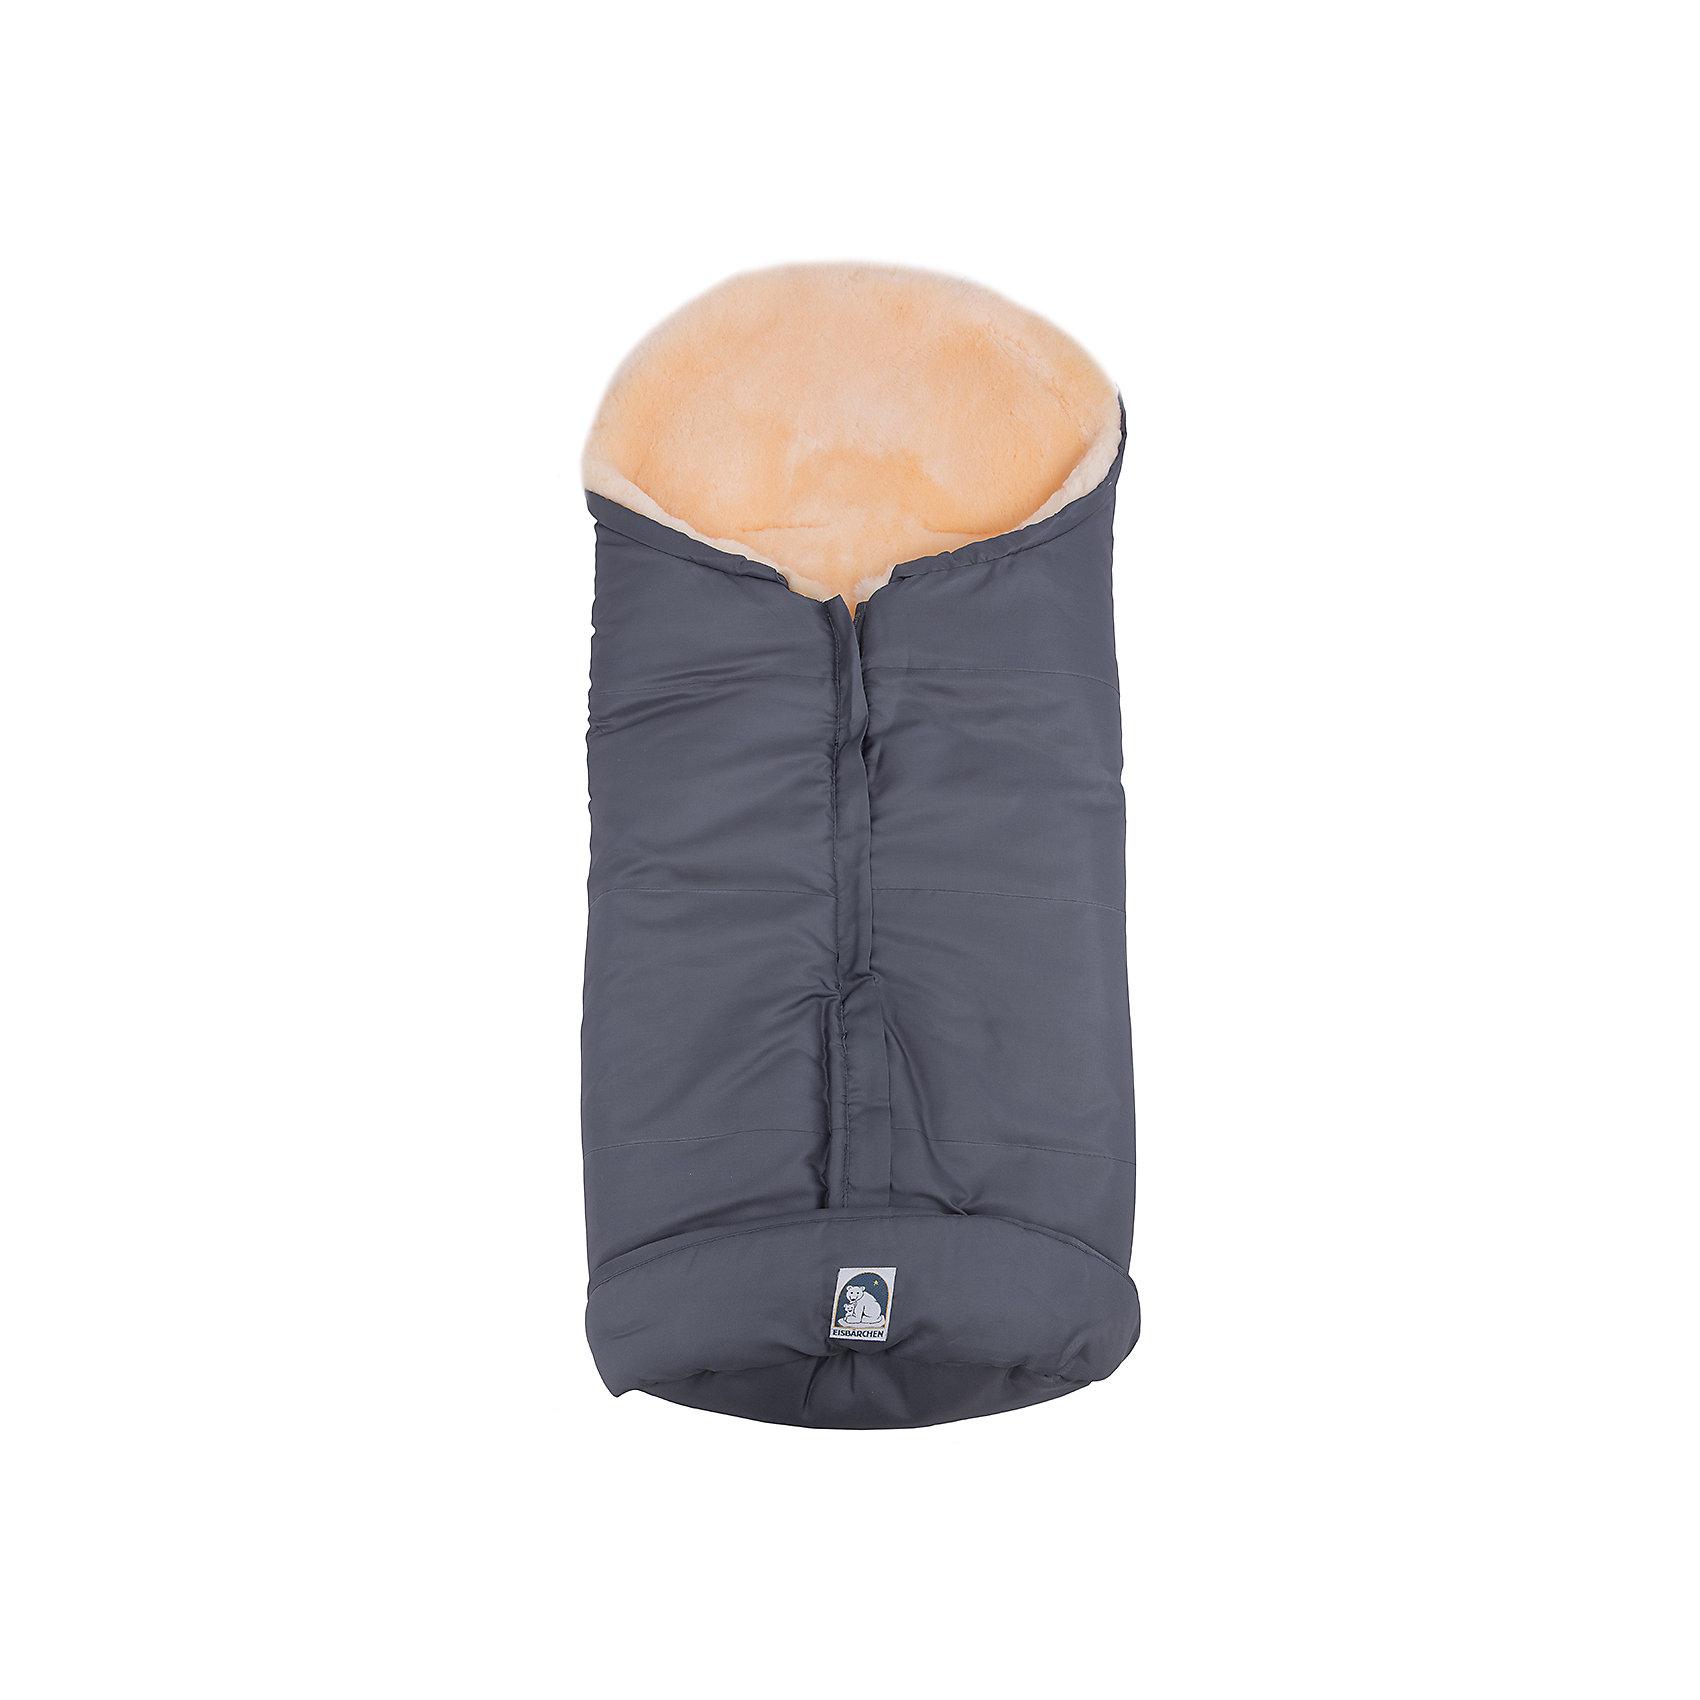 Конверт 975 GR, Heitmann Felle, серыйЗимние конверты<br>Меховой конверт Heitmann Felle предназначен для прогулок с малышом, в том числе, в коляске и автокресле. Овчина внутри конверта имеет высоту в 30 мм и прекрасно сохранит тепло и уют для крохи. Материалы, из которых изготовлен конверт, гипоаллергенны и водонепроницаемы. Удобно застегивается с помощью двухсторонней молнии.  Для безопасных прогулок в коляске предусмотрены прорези для пятиточечных ремней безопасности. Конверт можно стирать при температуре 30°. Подарите крохе тепло и комфорт с конвертом Heitmann Felle!<br><br>Дополнительная информация:<br>-антиаллергенный материал<br>-верх отстегивается<br>-двухсторонняя молния<br><br>Материал: овчина, ткань<br>Размер: 90х45 см<br>Вес: 3 кг<br>Цвет: серый<br>Вы можете приобрести конверт Heitmann Felle в нашем интернет-магазине.<br><br>Ширина мм: 860<br>Глубина мм: 490<br>Высота мм: 100<br>Вес г: 2000<br>Возраст от месяцев: 0<br>Возраст до месяцев: 12<br>Пол: Унисекс<br>Возраст: Детский<br>SKU: 4977808